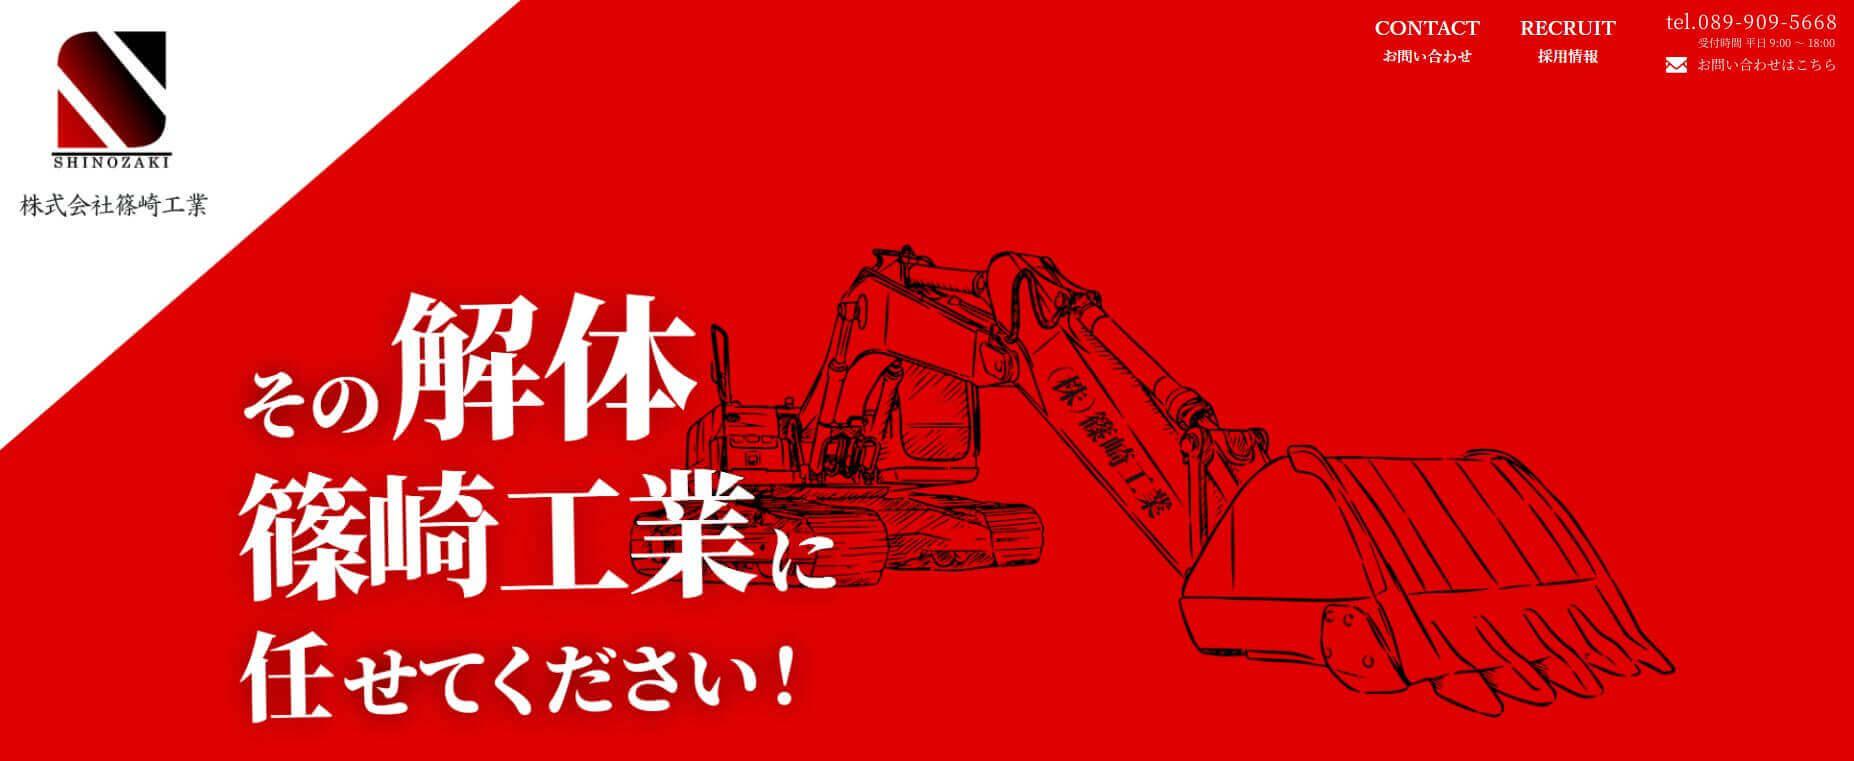 株式会社篠崎工業